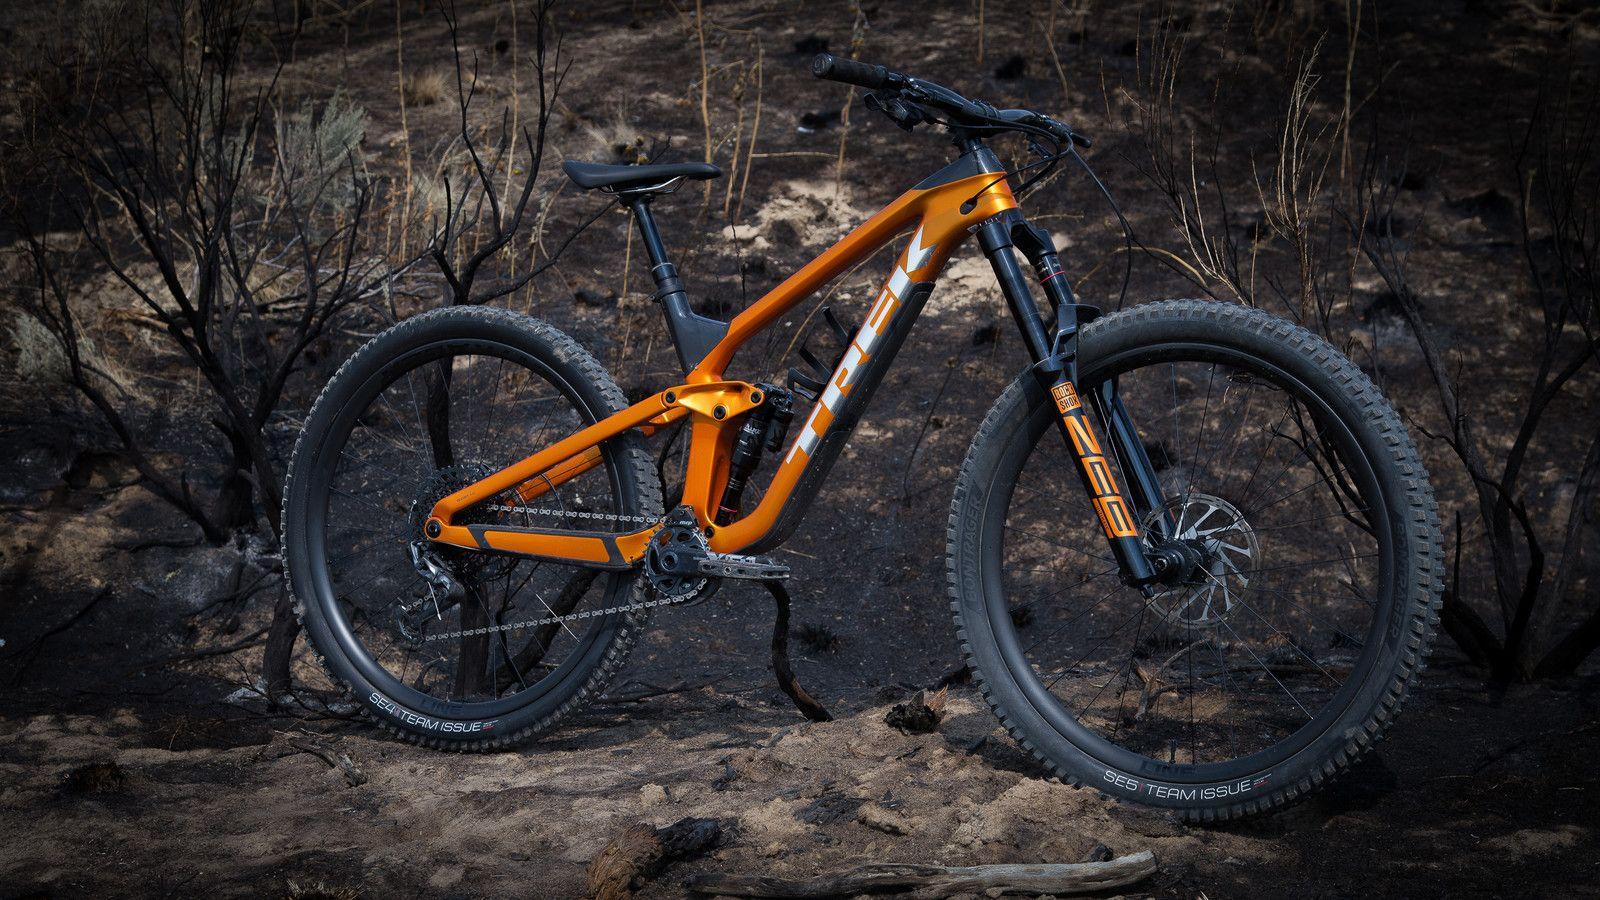 Trek Slash 2021 In 2020 Mt Bike Best Mountain Bikes Bike Design